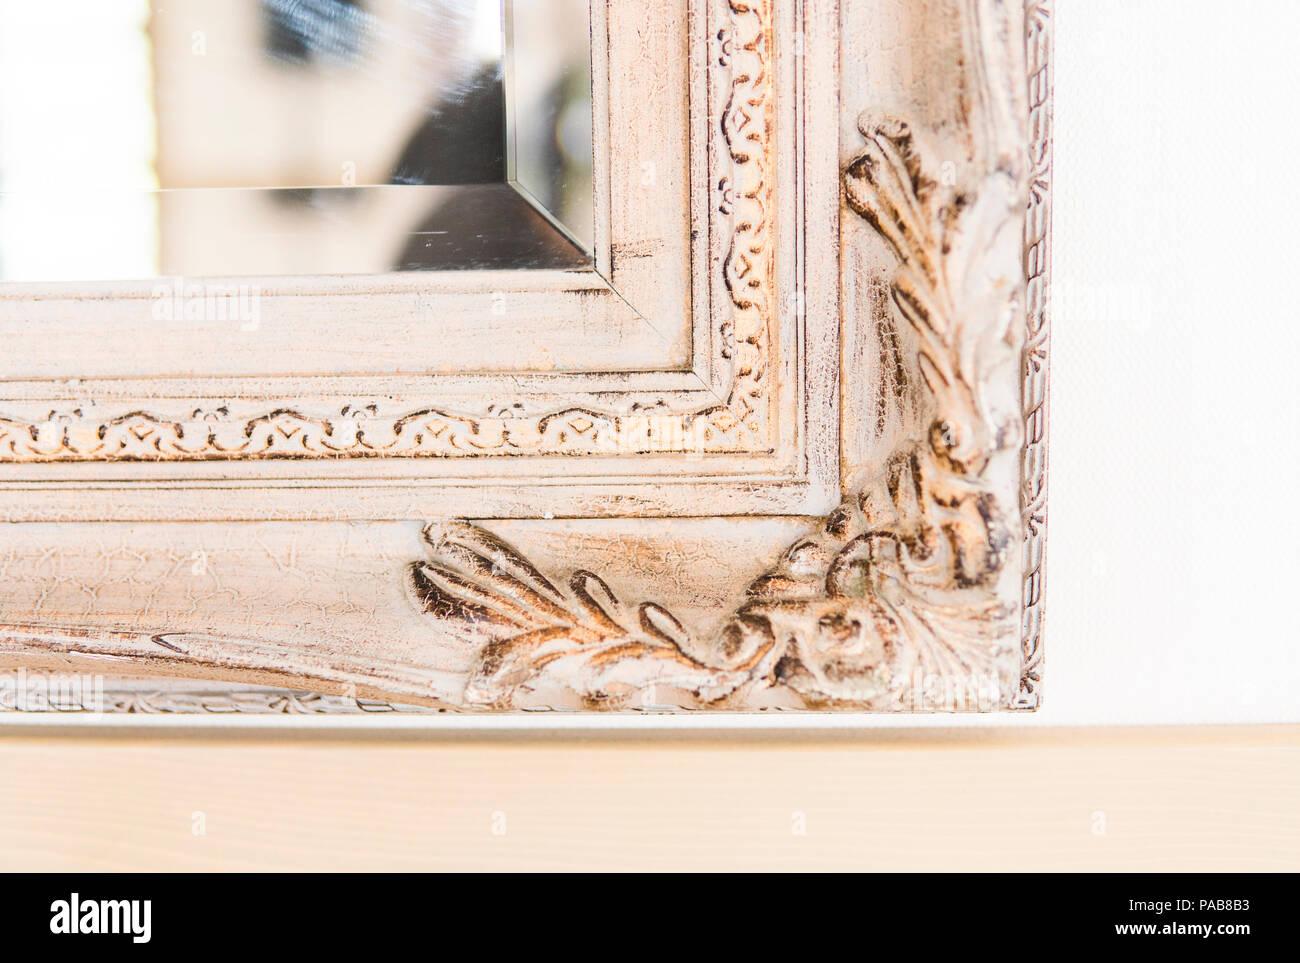 Nahaufnahme auf ein Stück vintage Holzrahmen der Spiegel Stockfoto ...